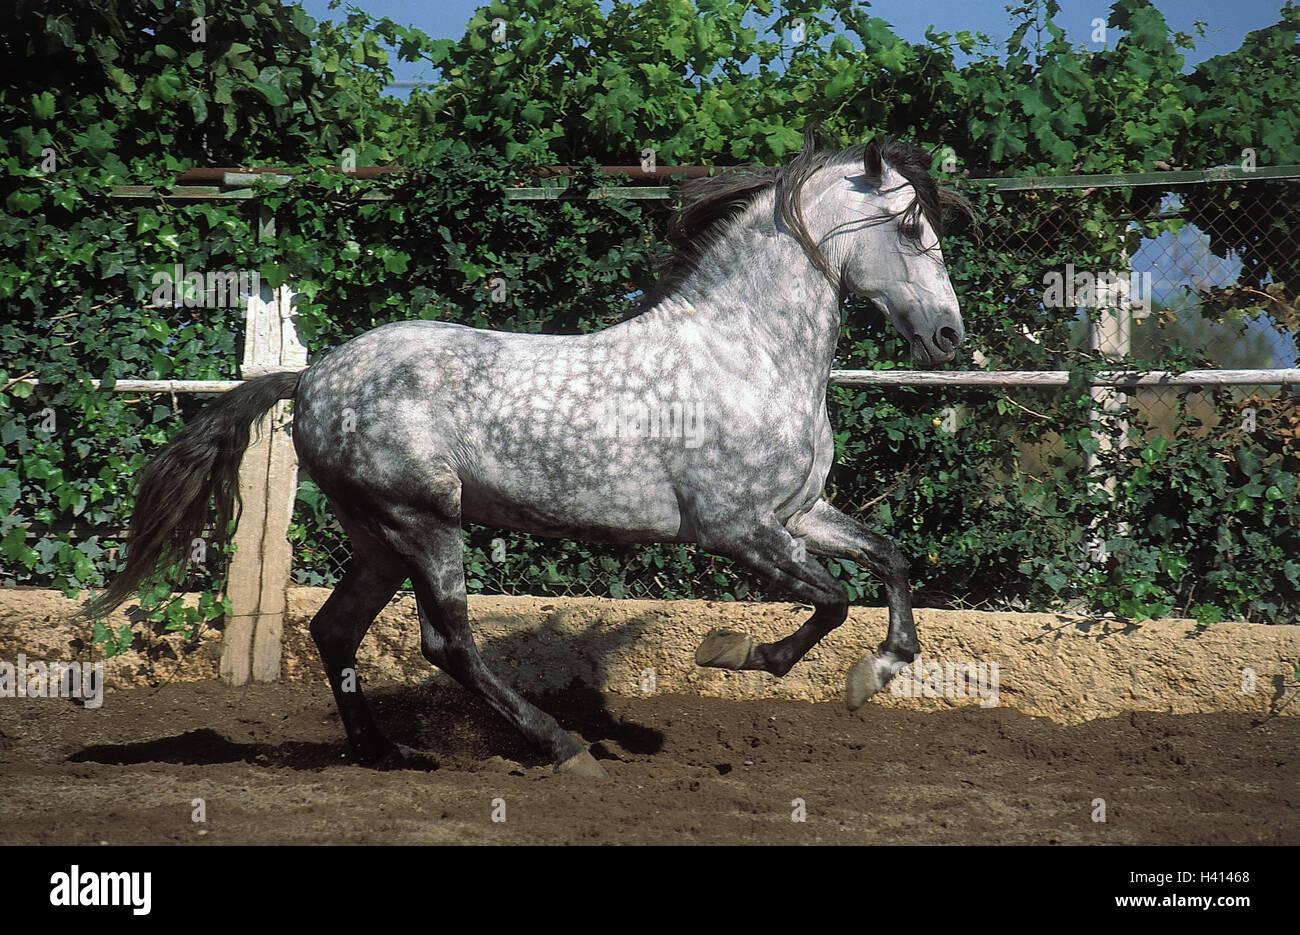 Correa, caballo andaluz, Gallop, animal, animales, caballos, mamíferos, mamíferos, beneficio, beneficio Imagen De Stock